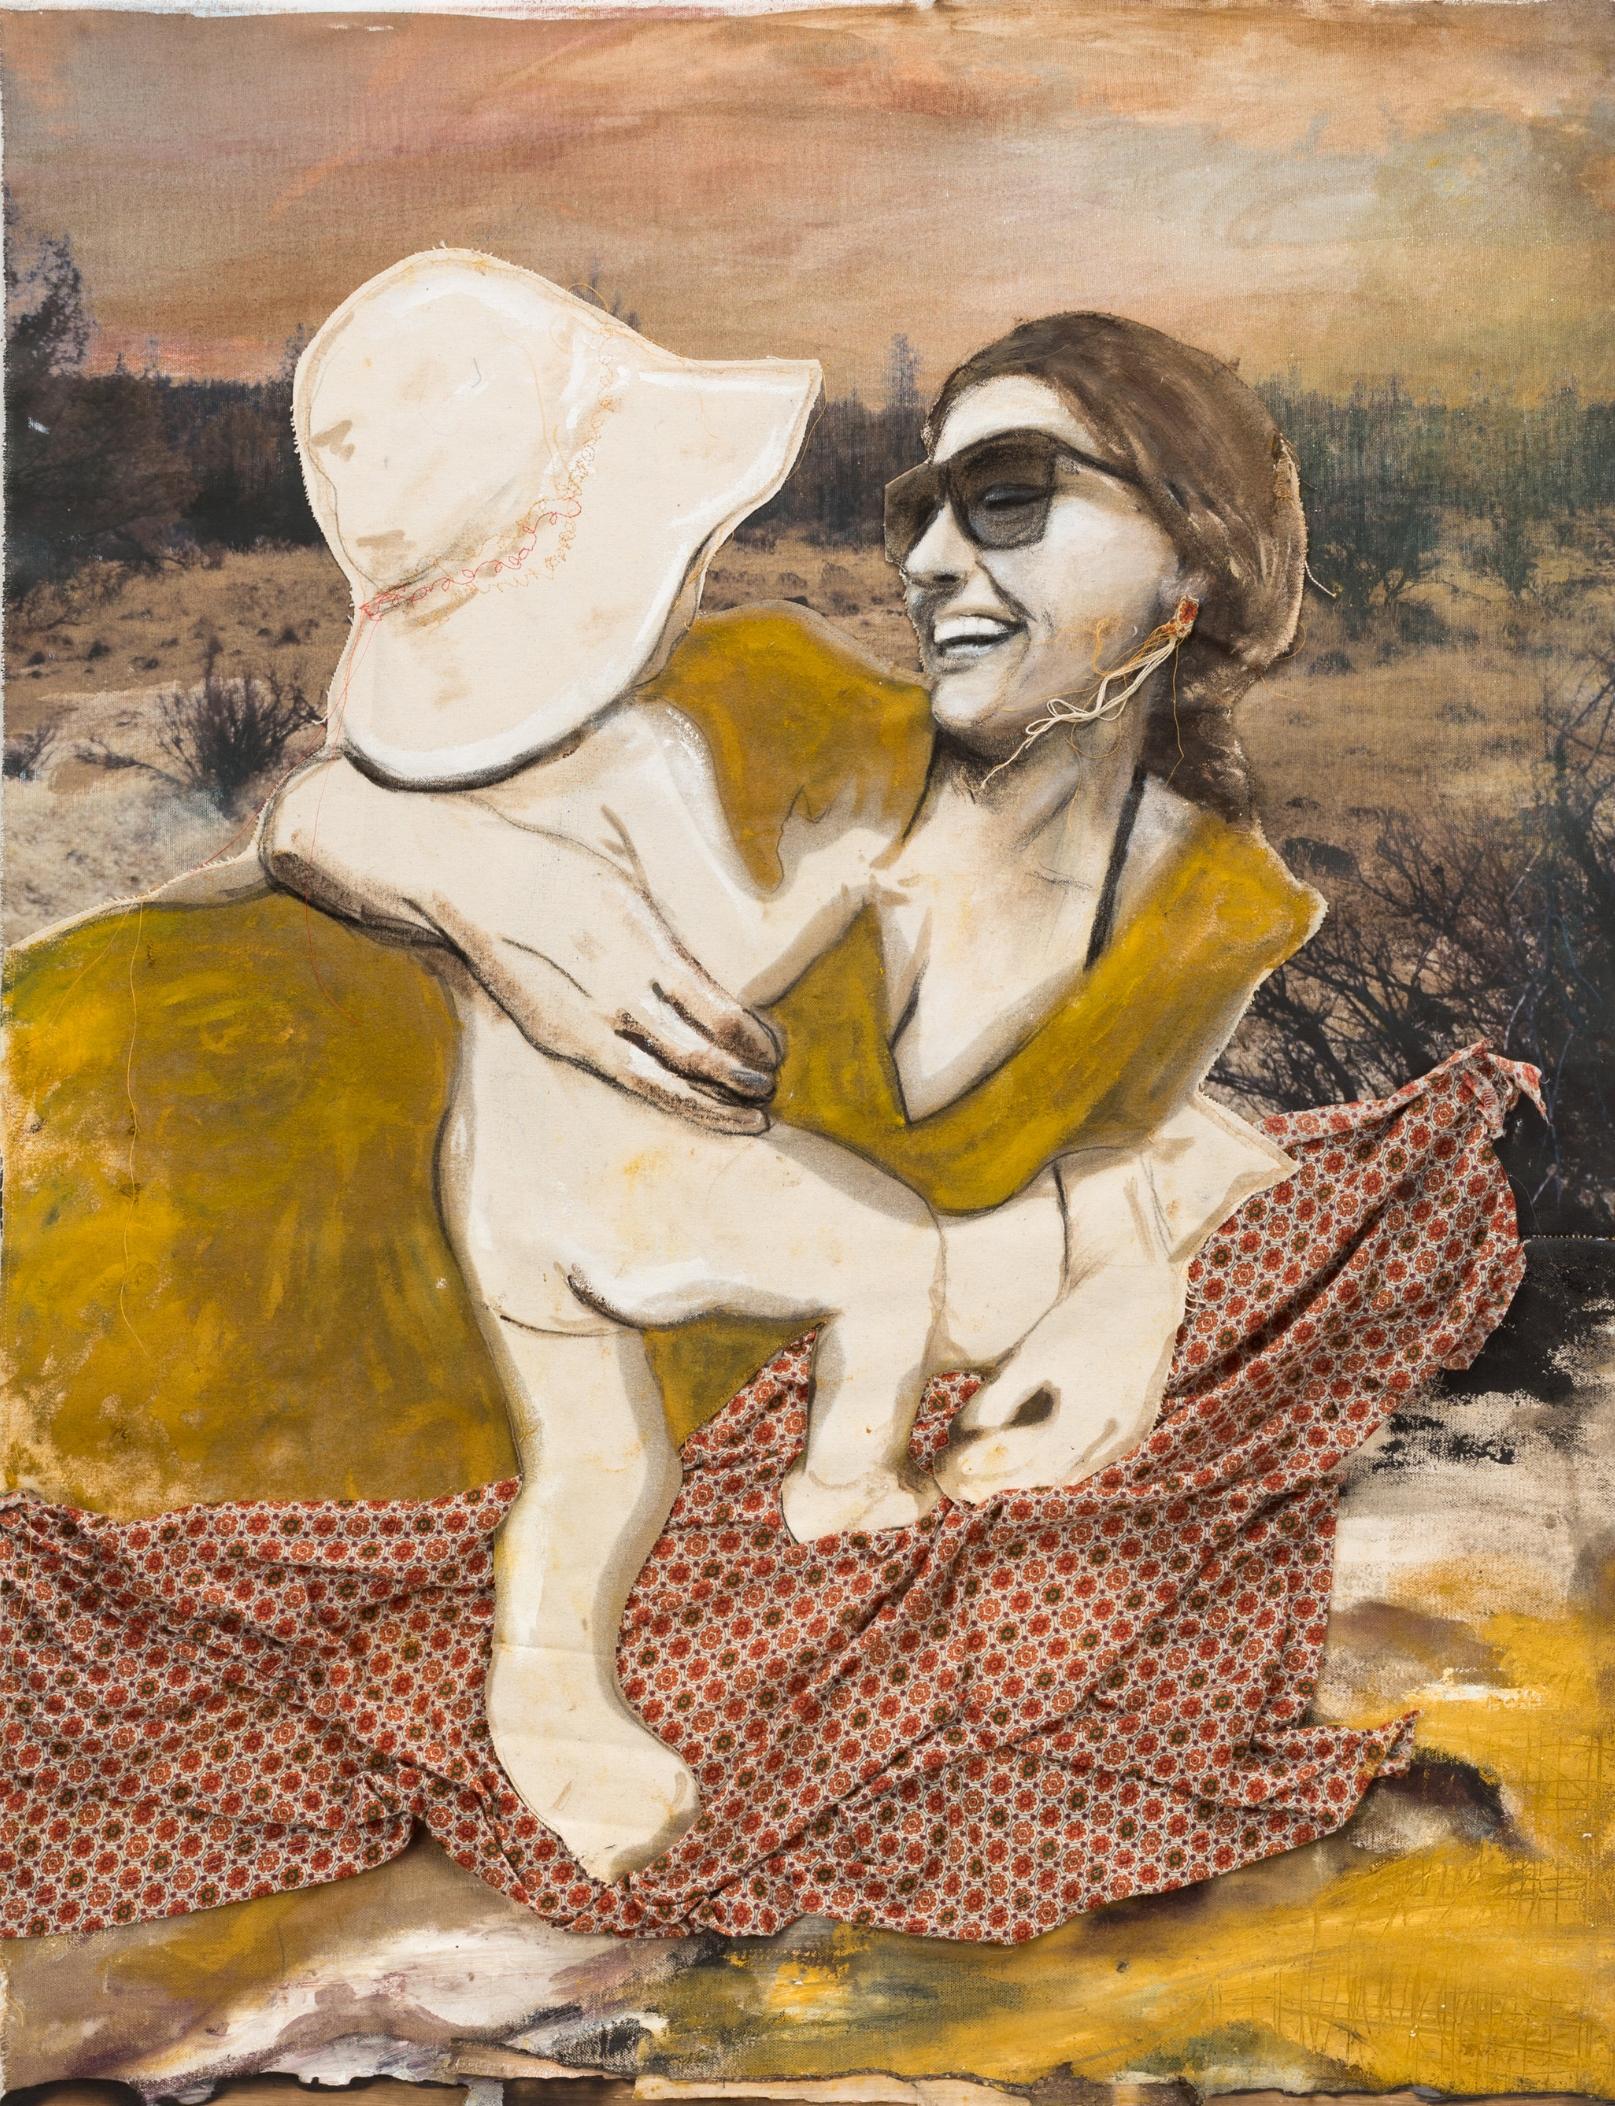 Sagebrush, Woman, and Child